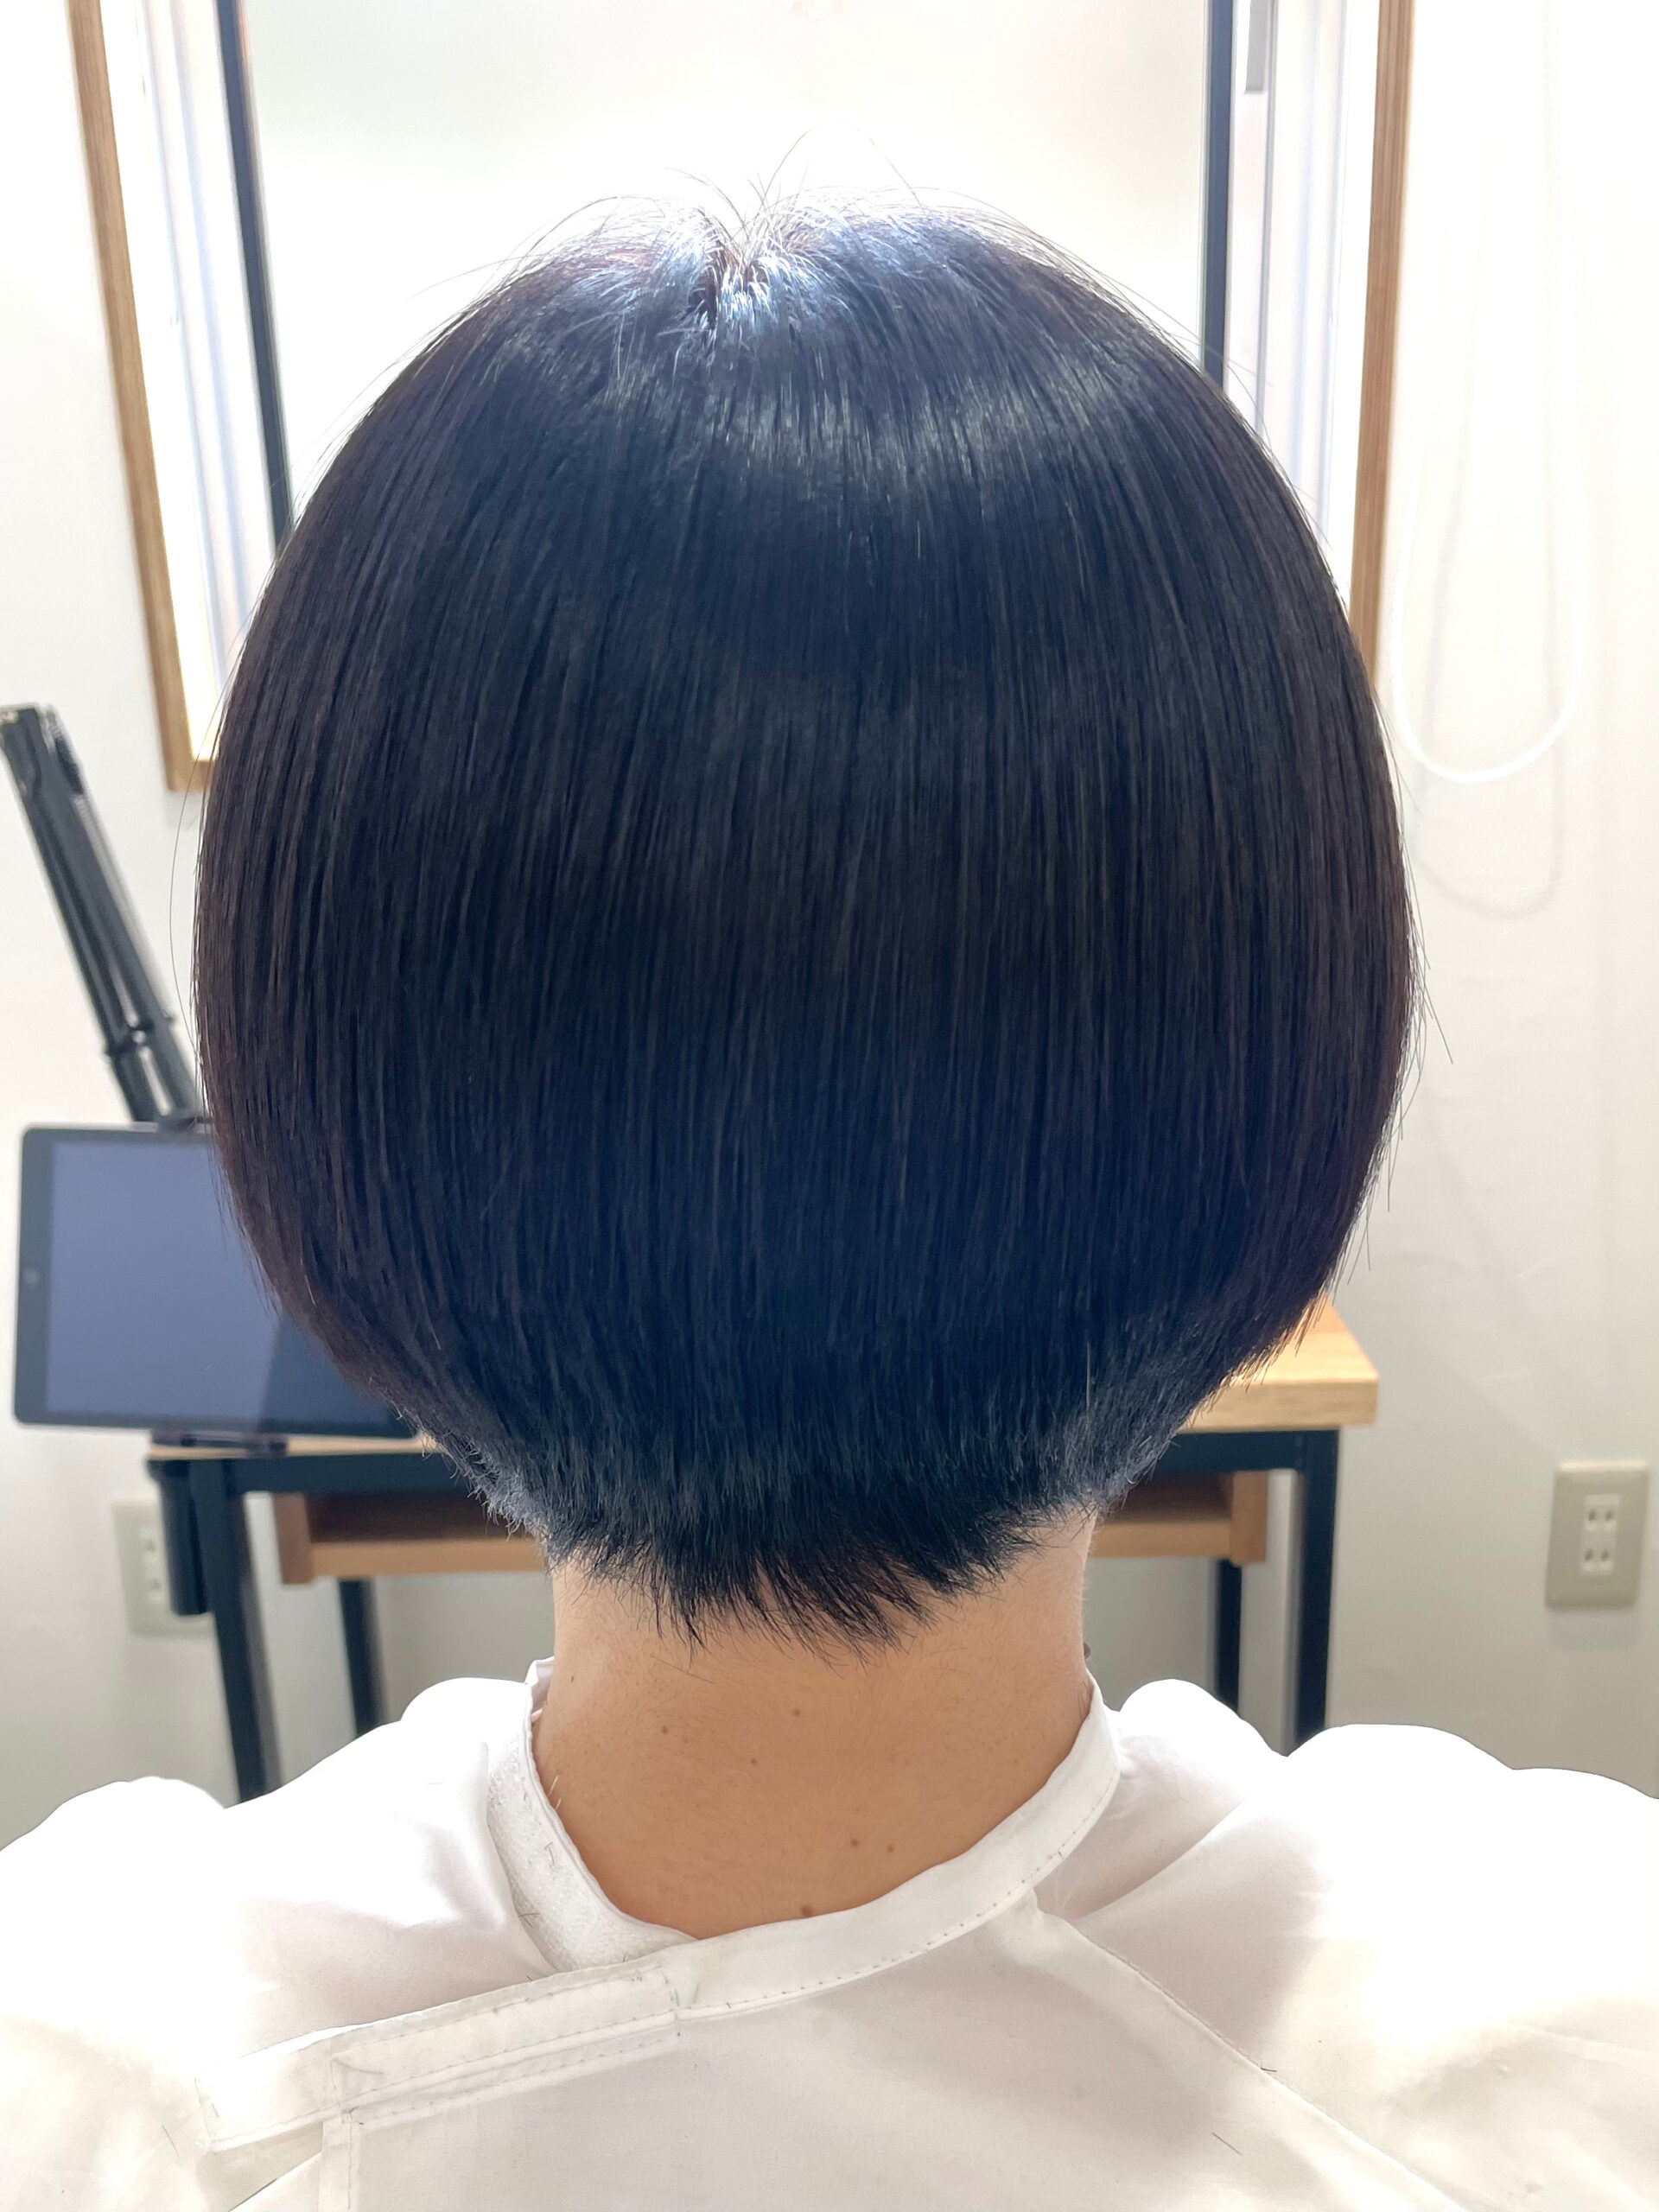 大分県別府市 ショートヘアの縮毛矯正は丸みが出ます! アフター